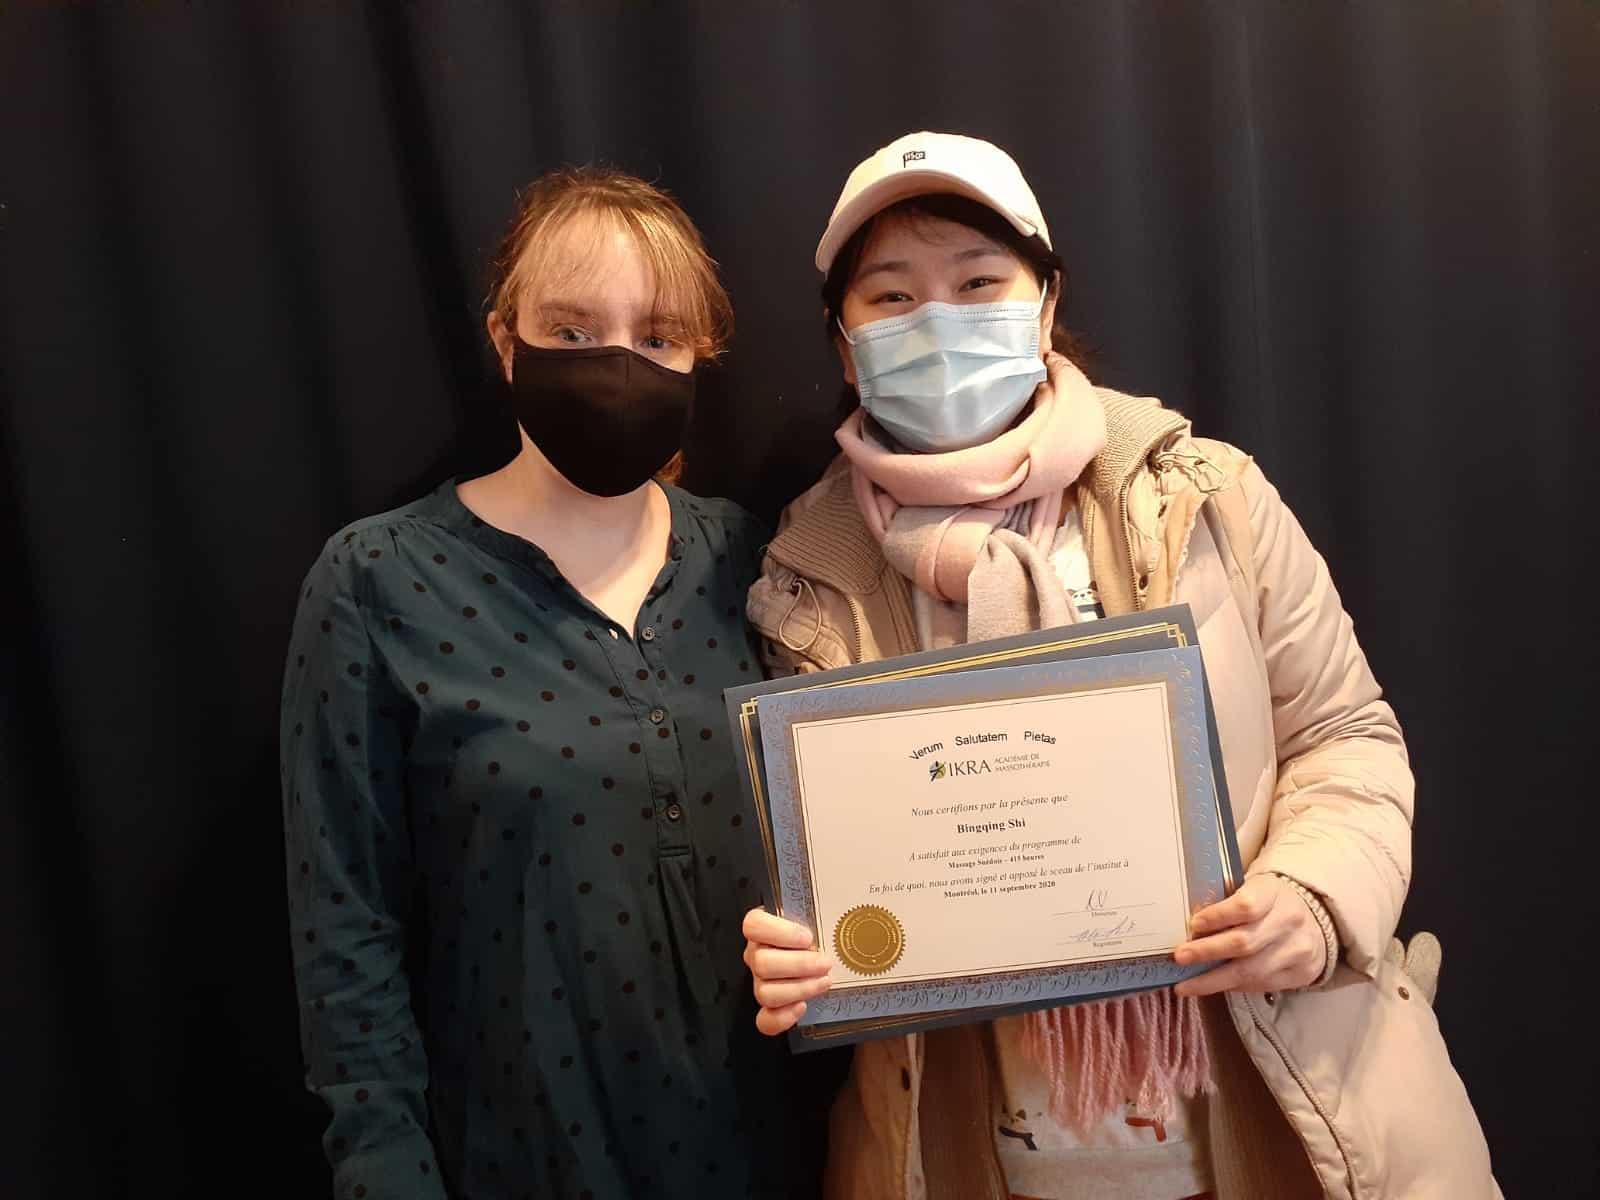 Bingquing Shi reçoit son diplôme de l'académie de massothérapie IKRA.